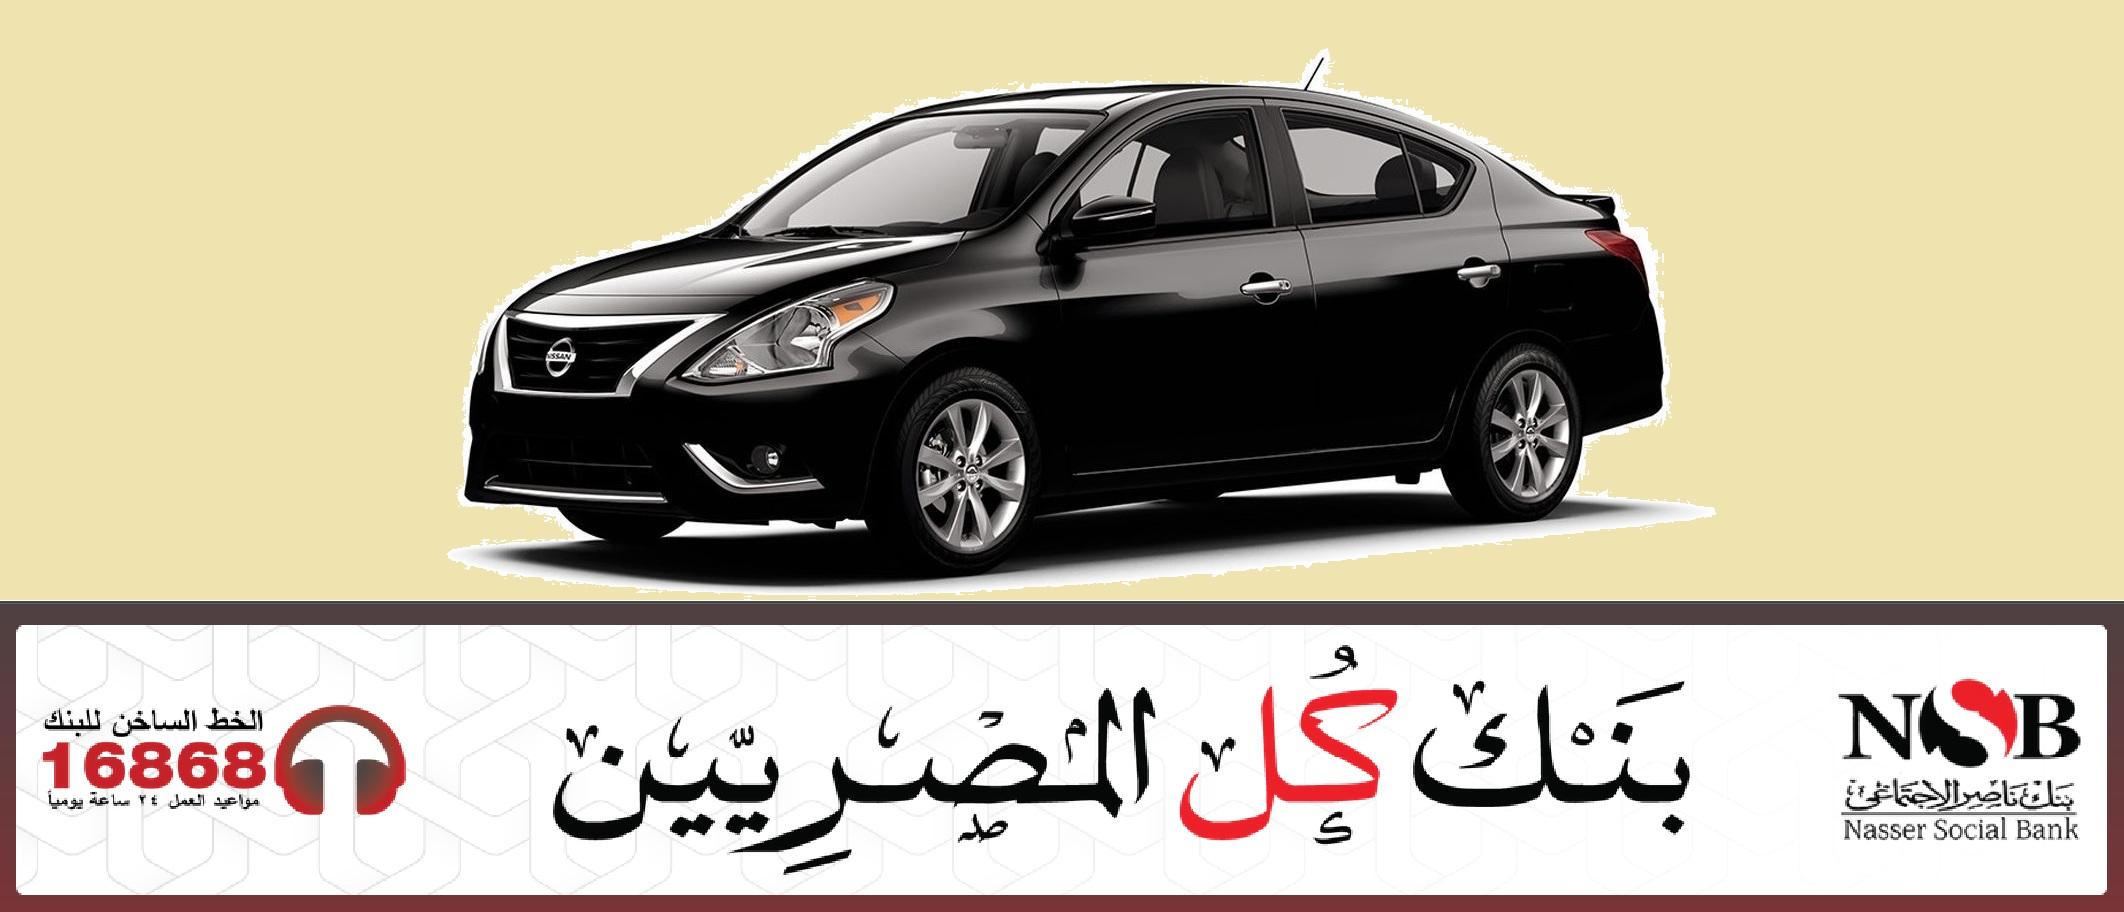 بدون مقدم وبدون حظر بيع تعرف علي تفاصيل قرض السيارة من بنك ناصر 2020